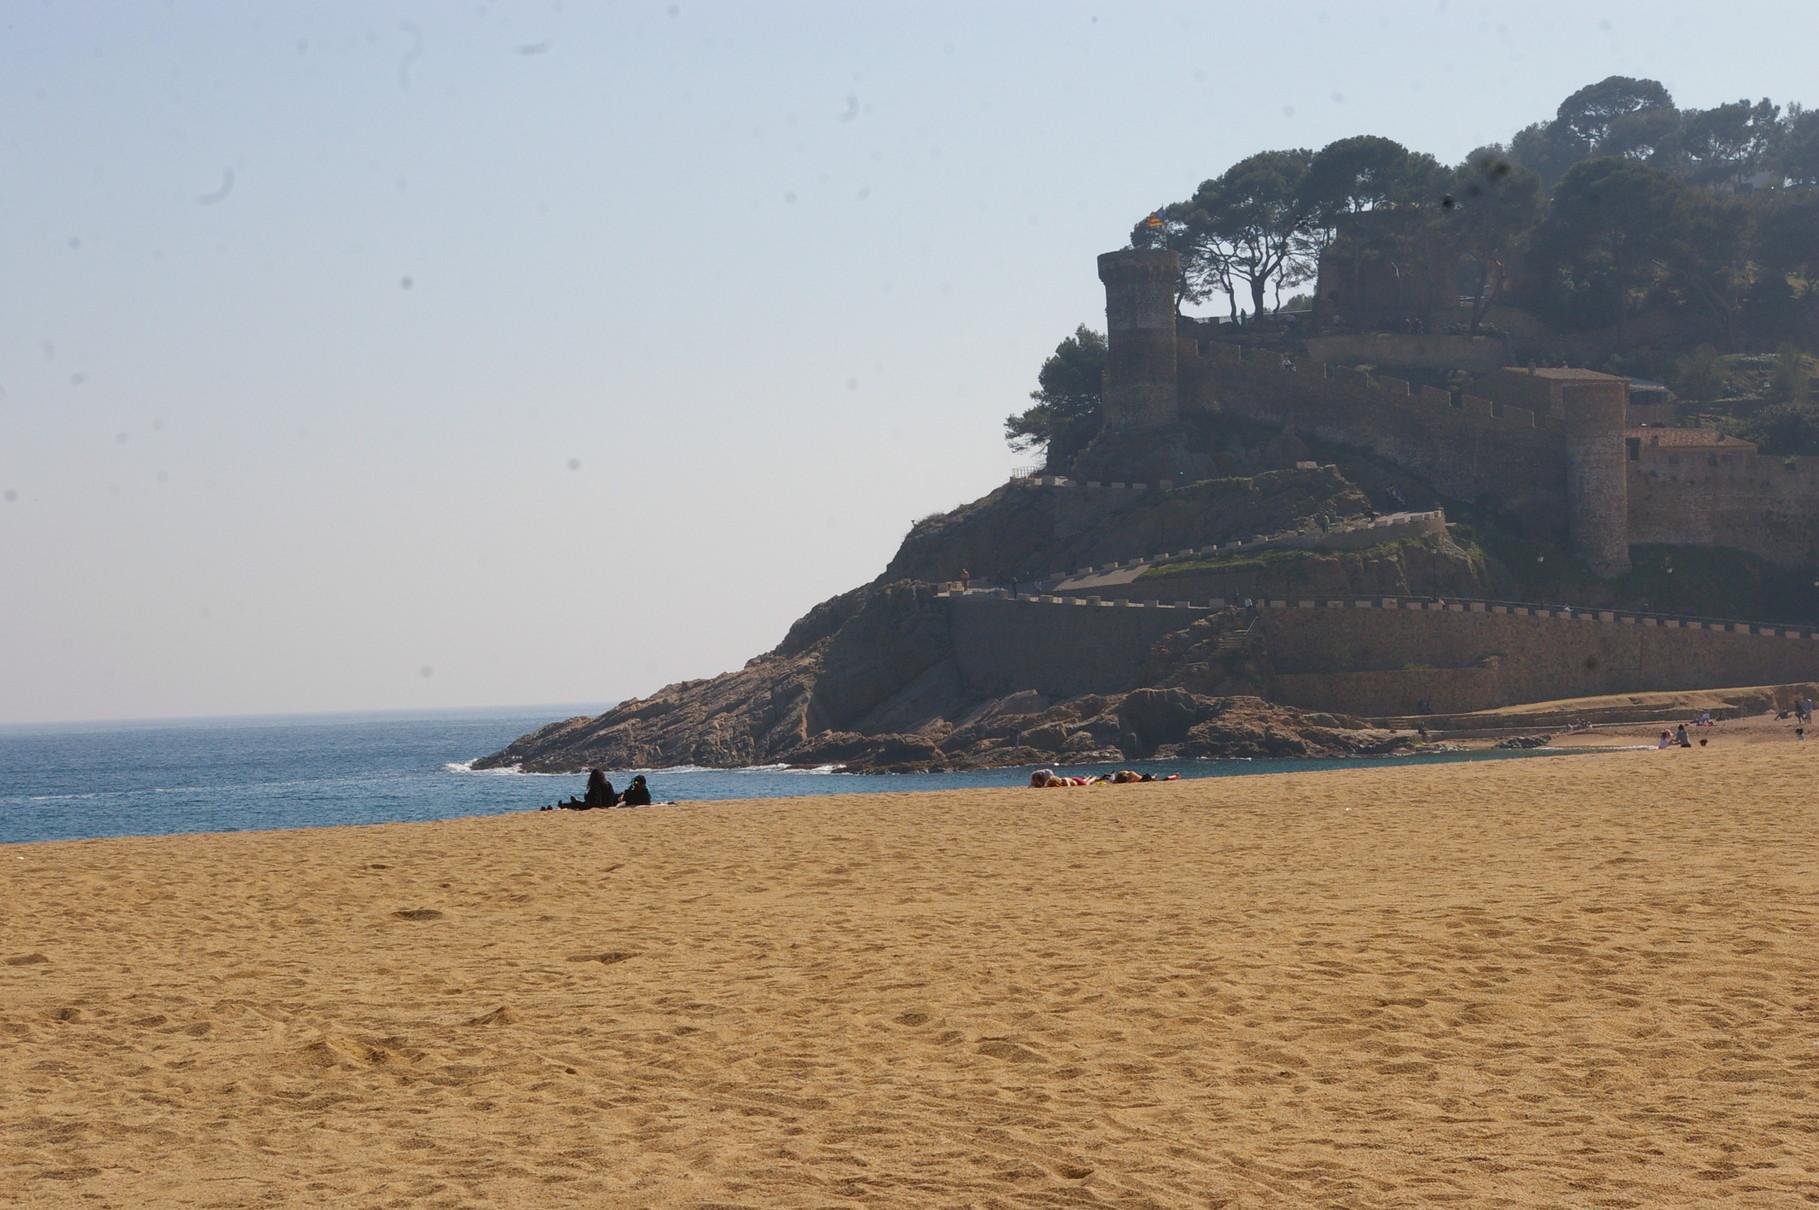 Vista de la playa desde el edificio del apartamento.